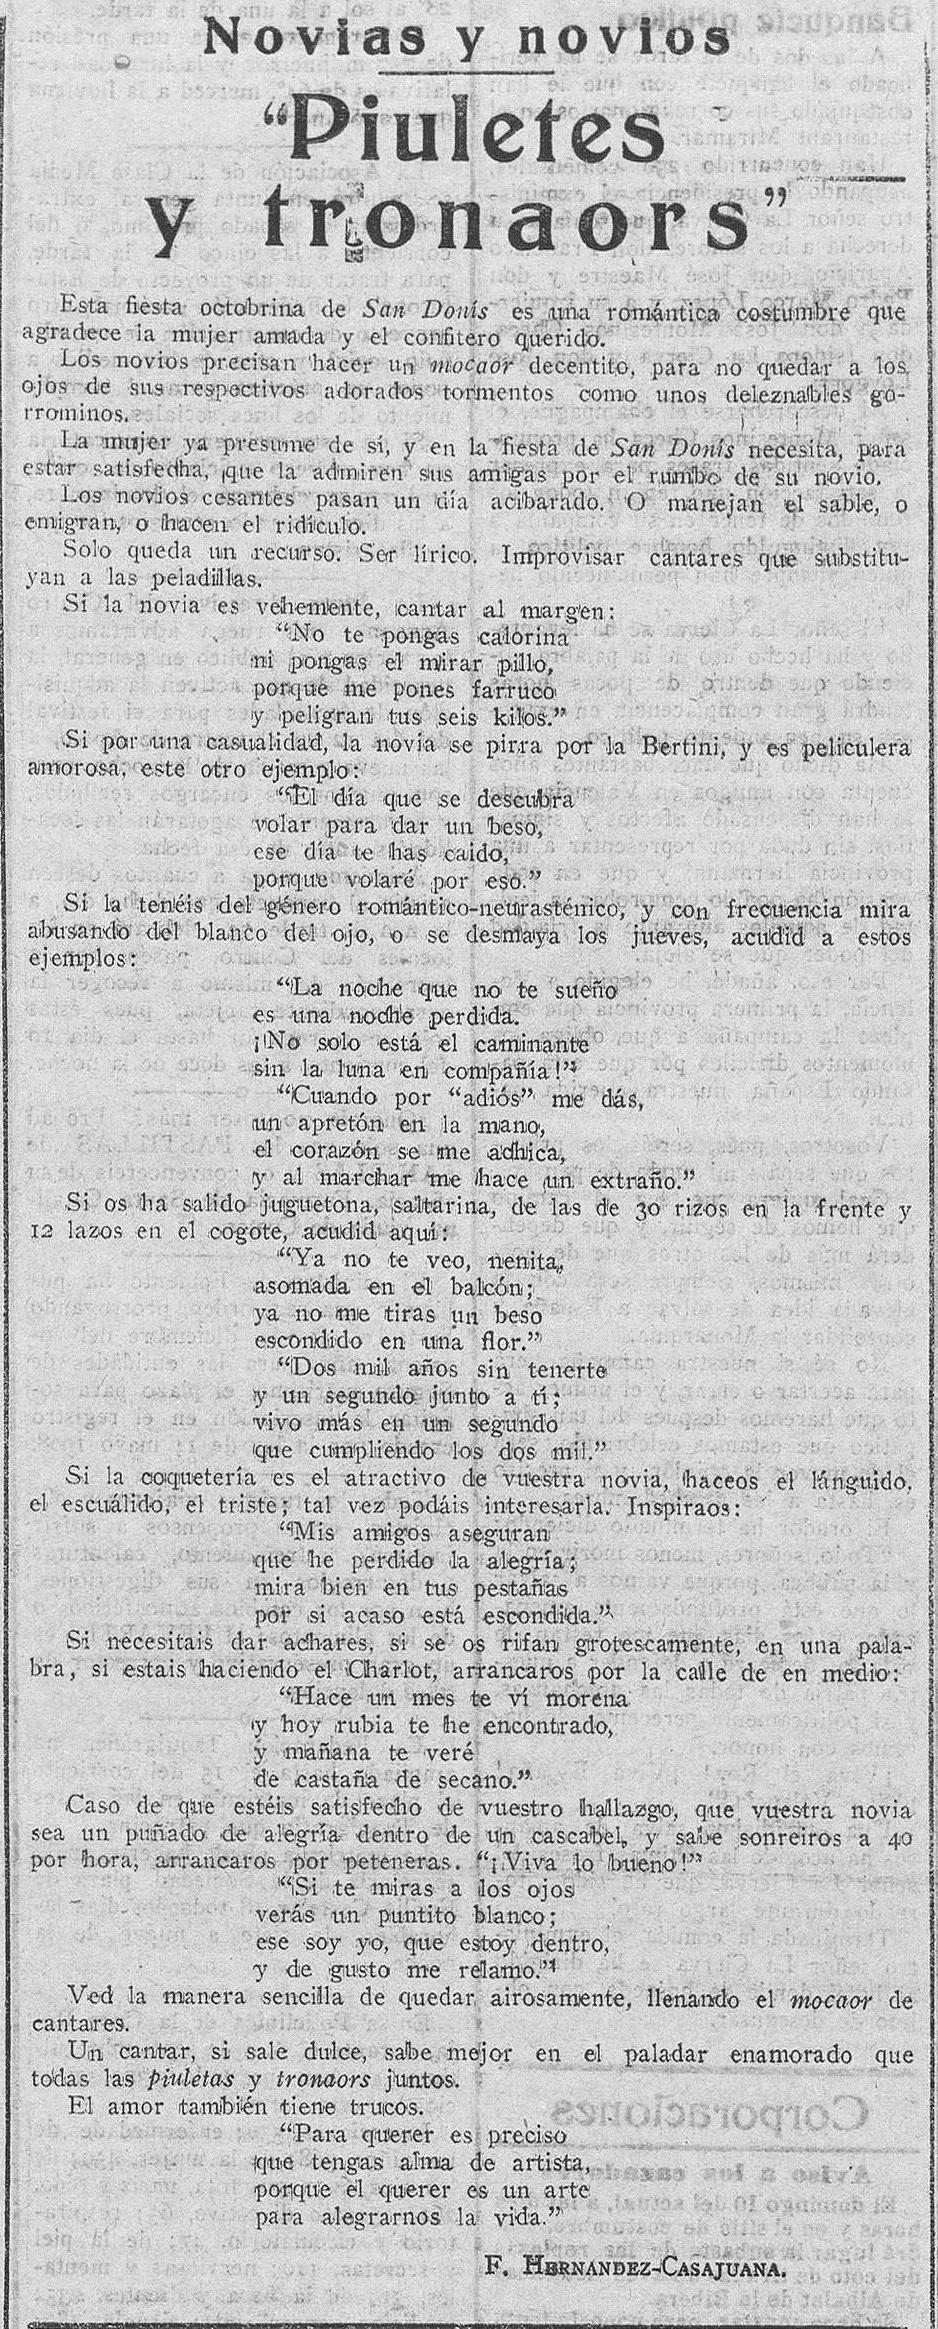 La Correspondencia de Valencia, 7 de octubre de 1920.